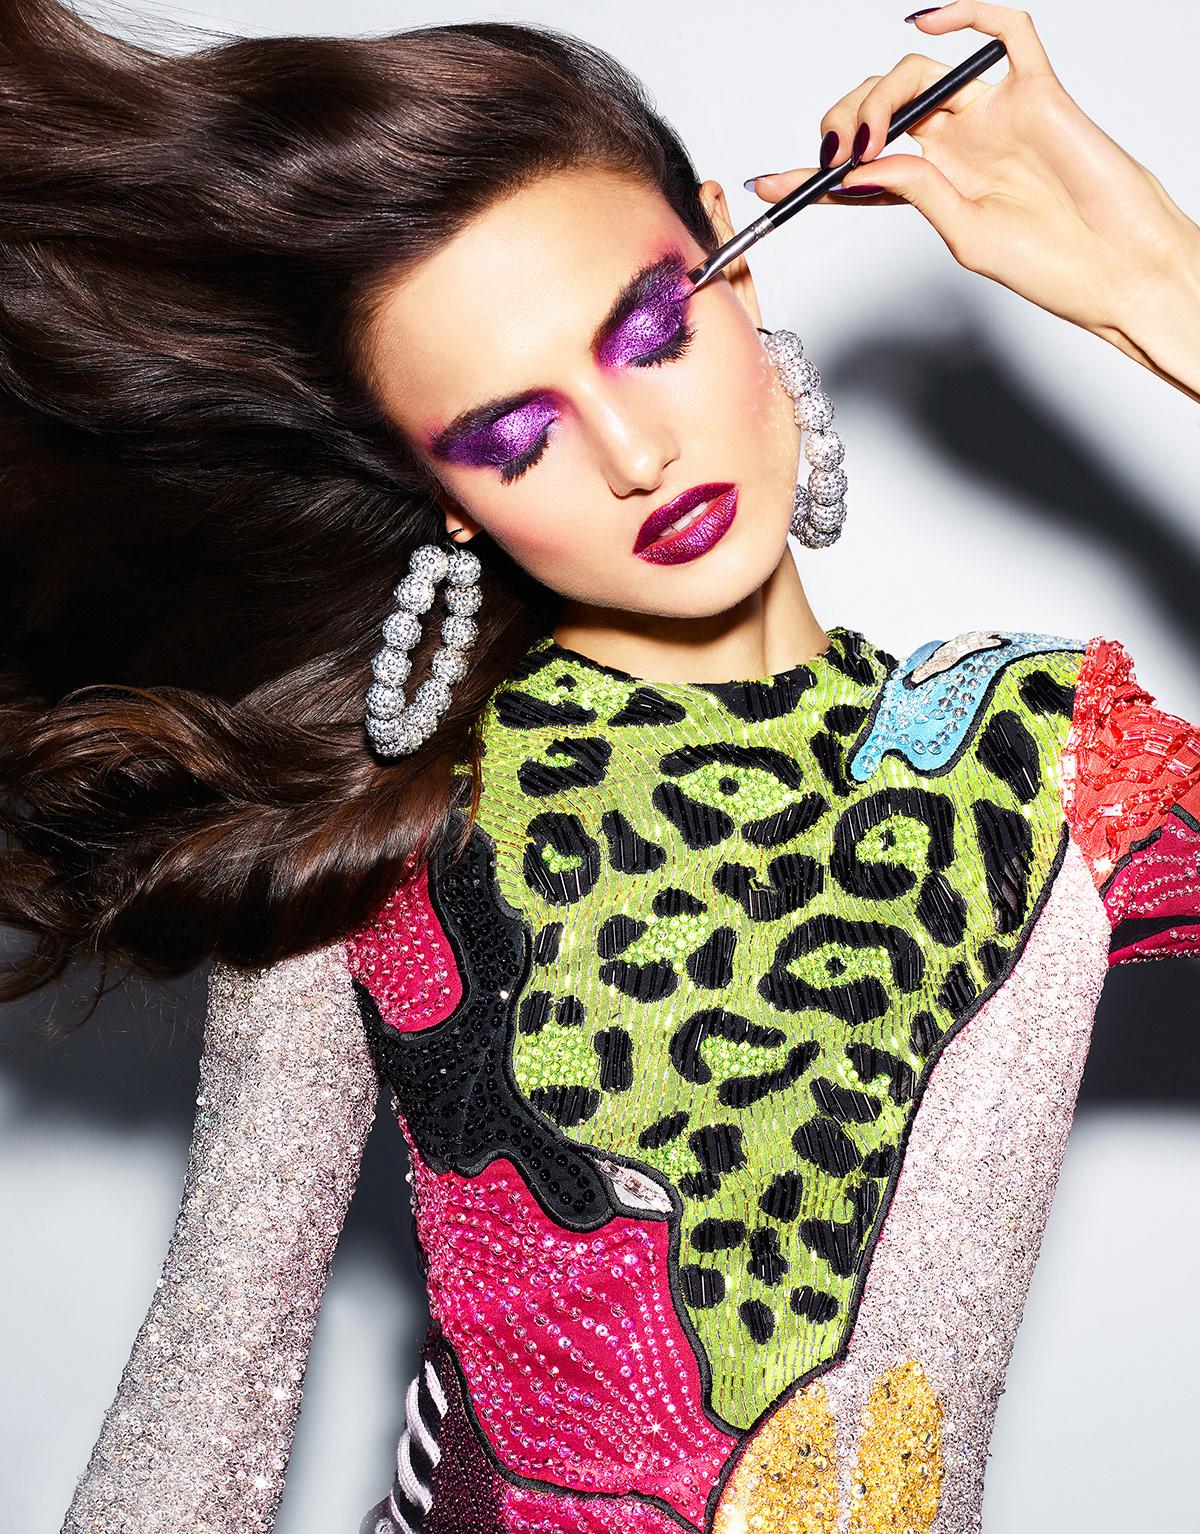 VOGUE Beauty // November 2018 - фото Enrique Vega